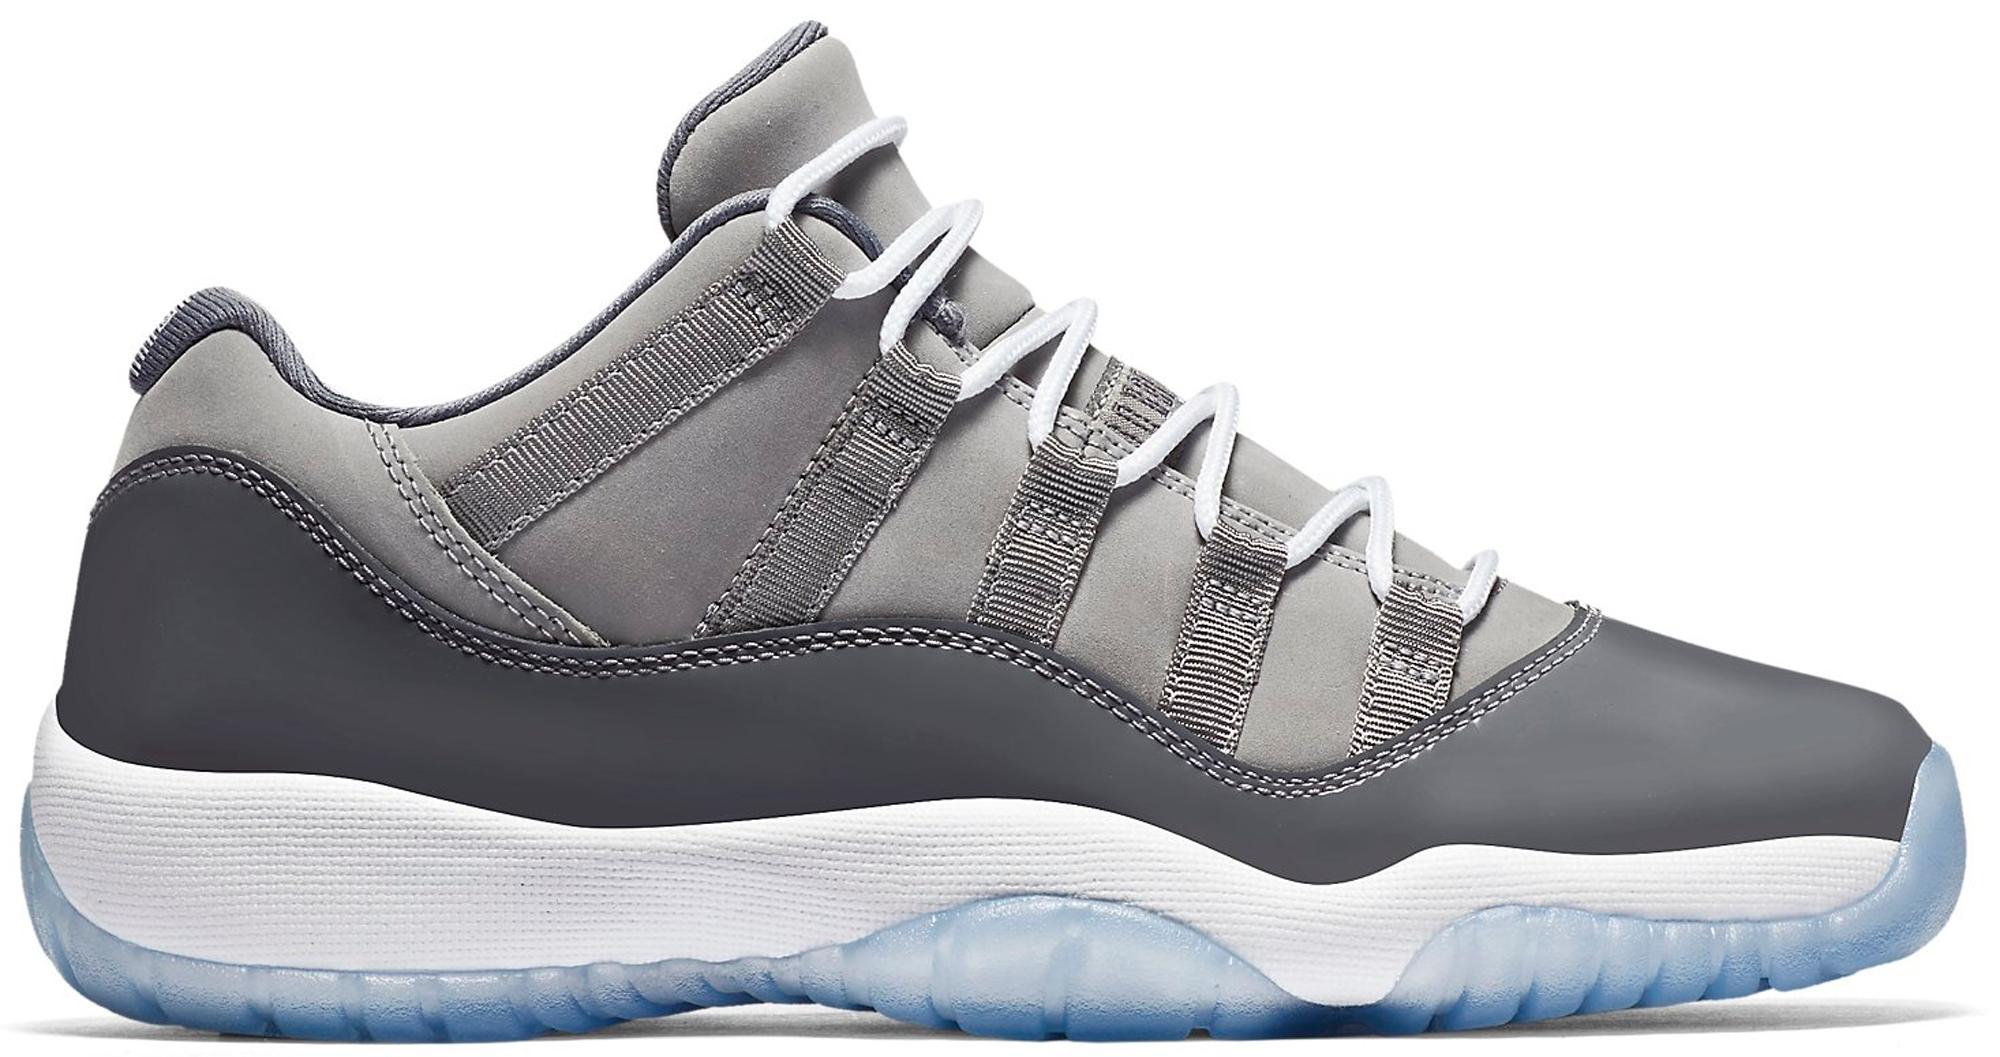 Jordan 11 Retro Low Cool Grey (GS